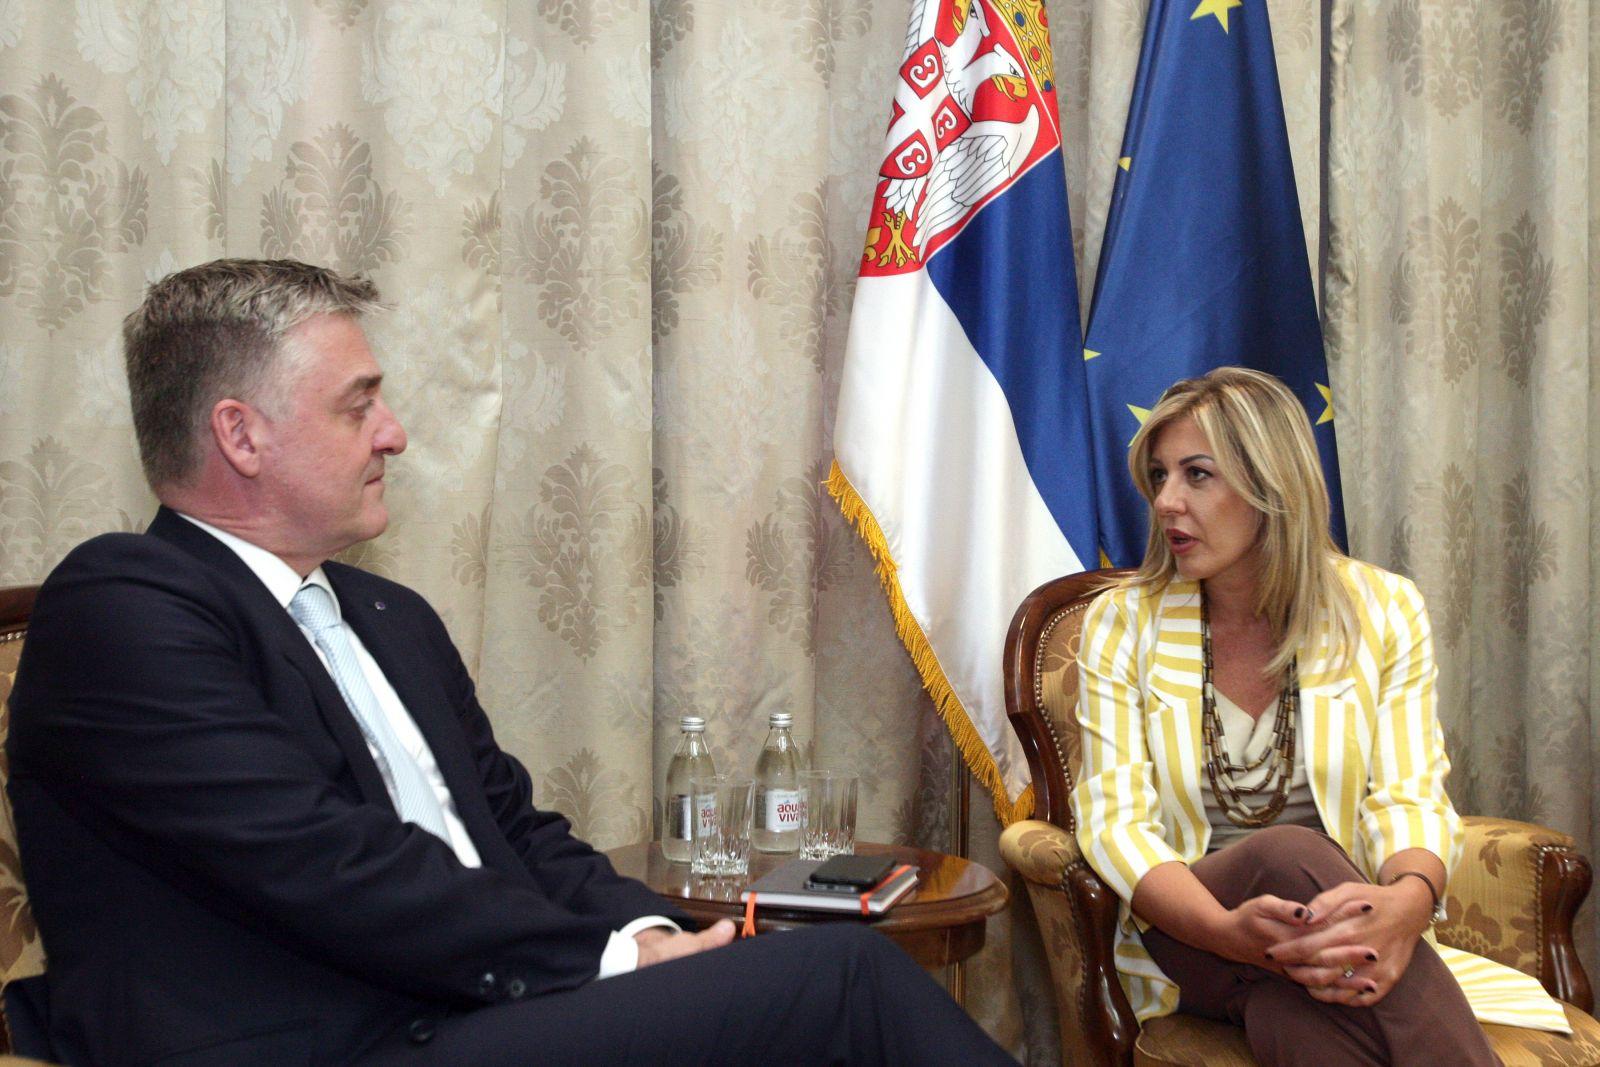 Ј. Јоксимовић и Флесенкемпер: Експертске препоруке Савета Европе важне за Србију